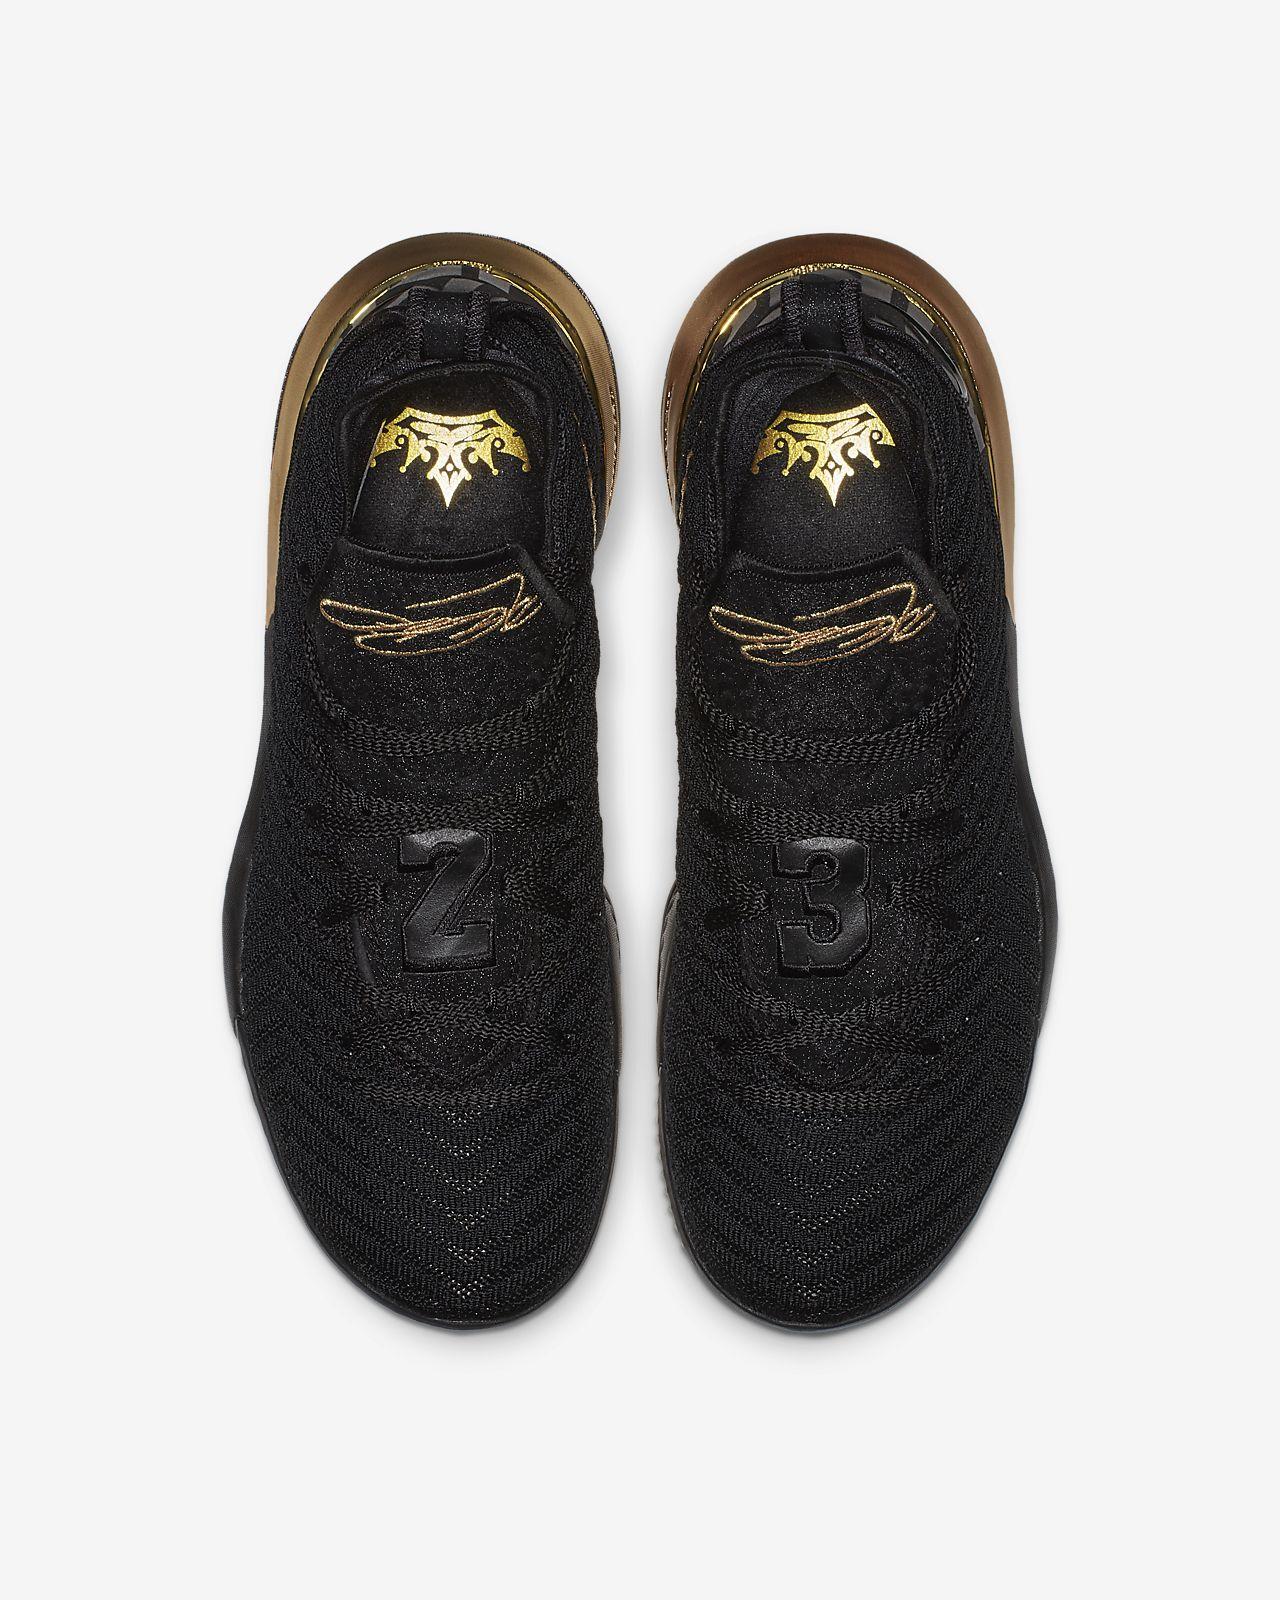 1621f05a6 Low Resolution LeBron 16 Zapatillas de baloncesto LeBron 16 Zapatillas de  baloncesto